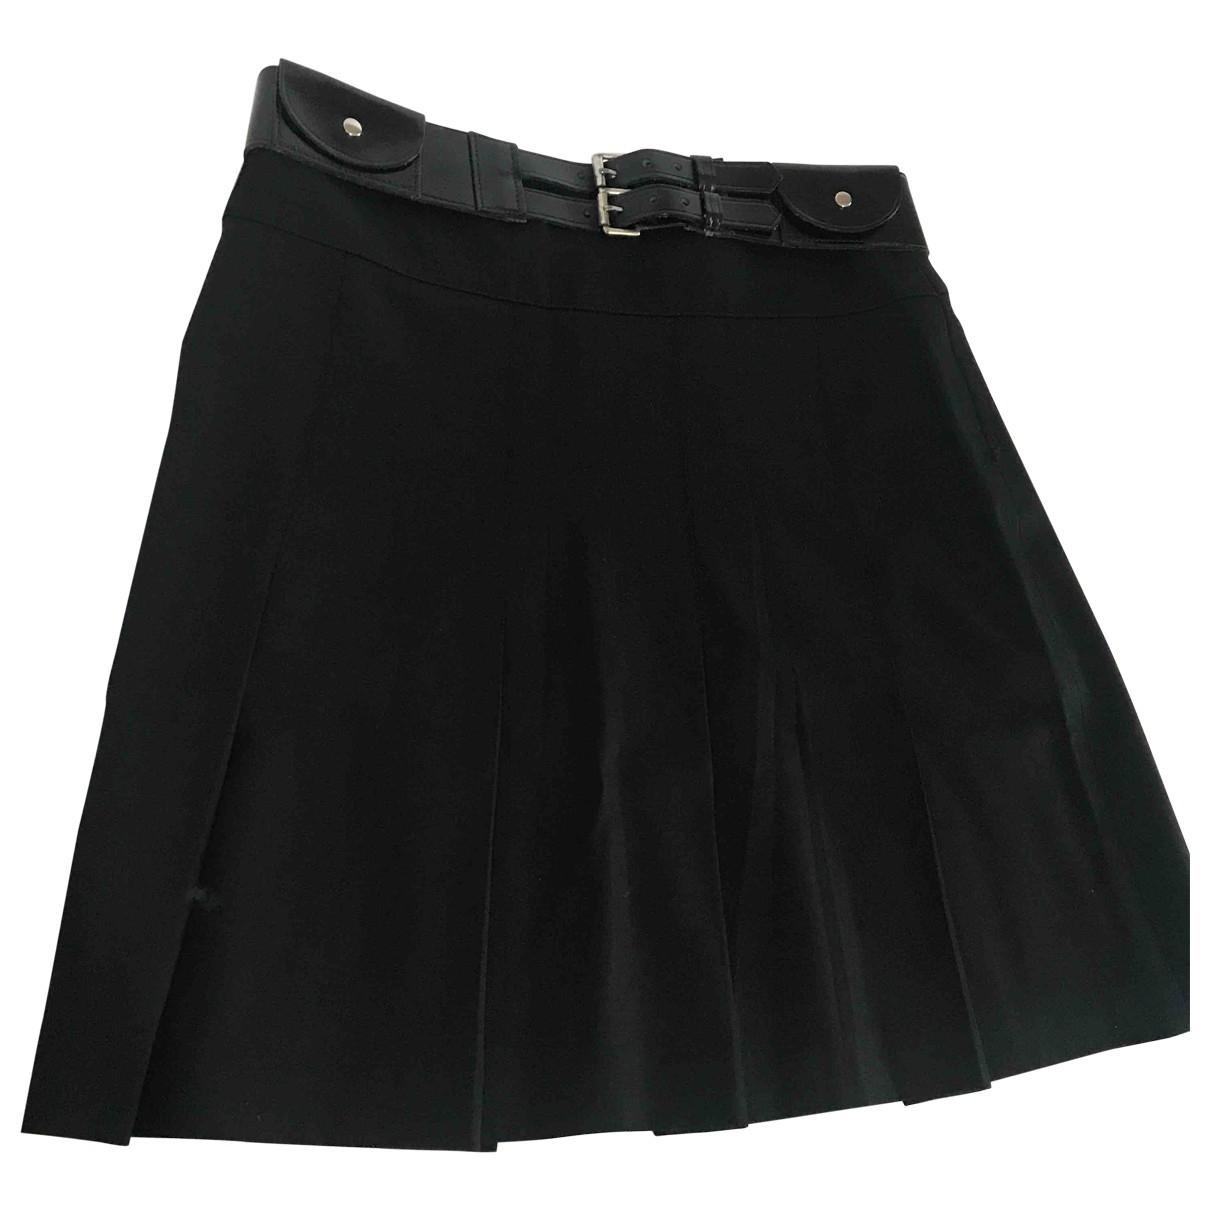 Burberry \N Black Wool skirt for Women 6 UK